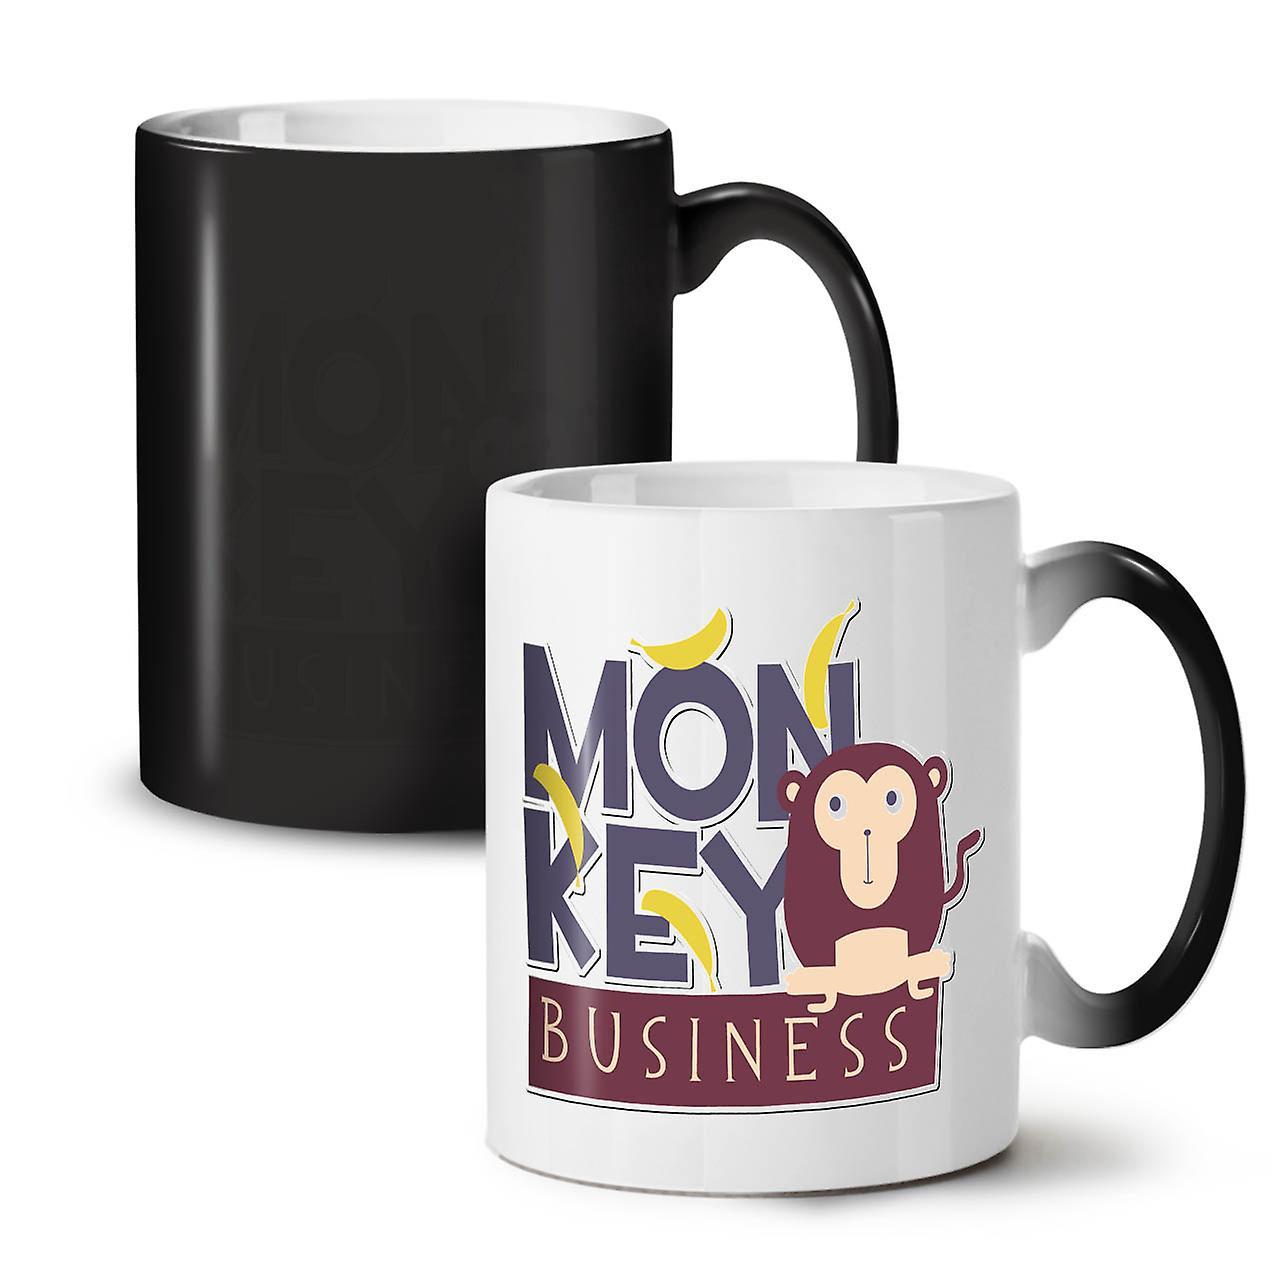 Couleur Drôle Nouveau Monkey Business OzWellcoda Café Changeant Noir 11 De Thé Céramique Tasse zVMpGSUq